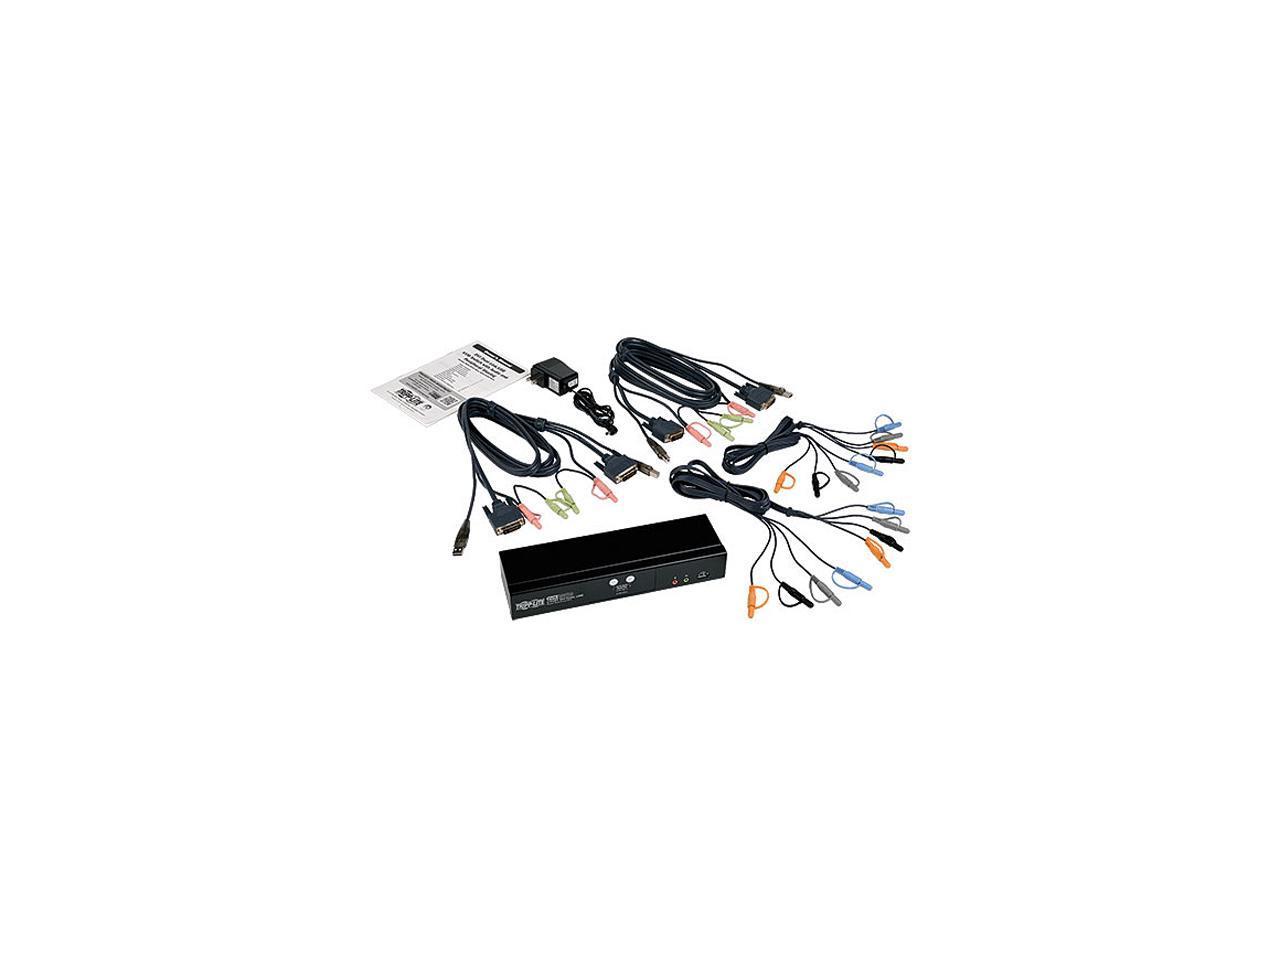 Tripp Lite 2 Port Dvi Dual Link Usb Kvm Switch W Audio